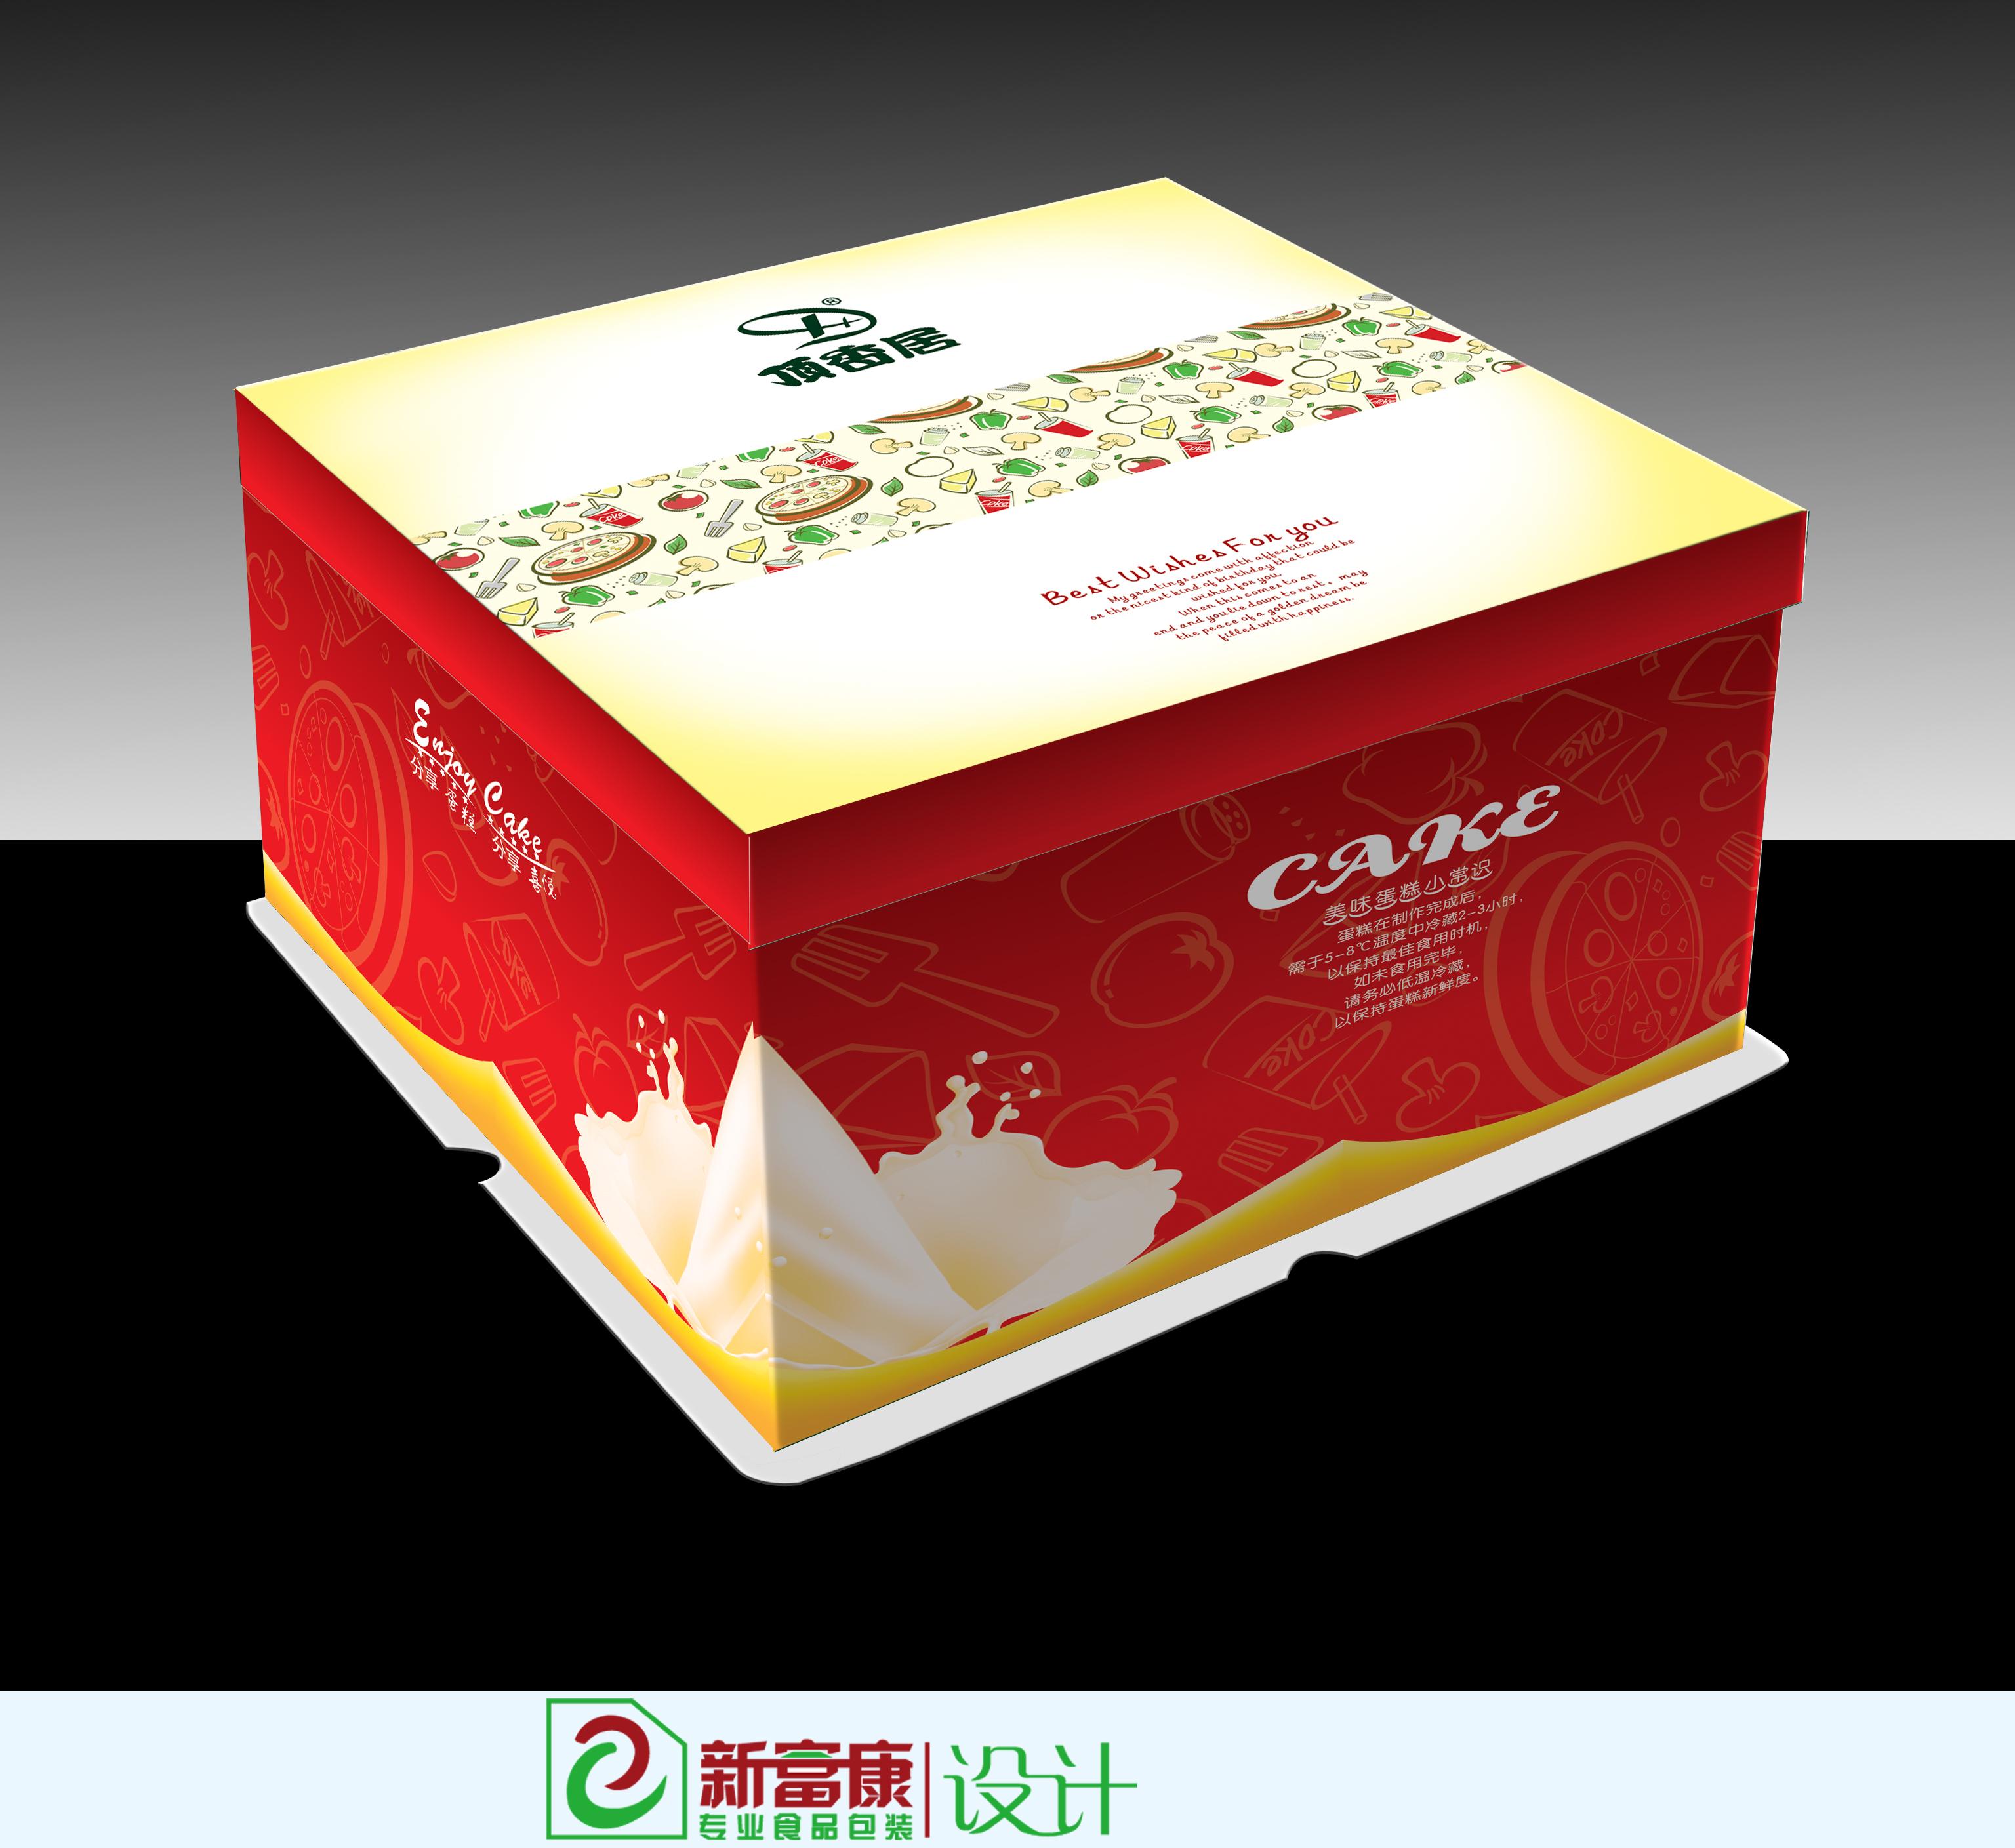 蛋糕香肠手提袋食品特产包装设计请各位大虾们狠批!